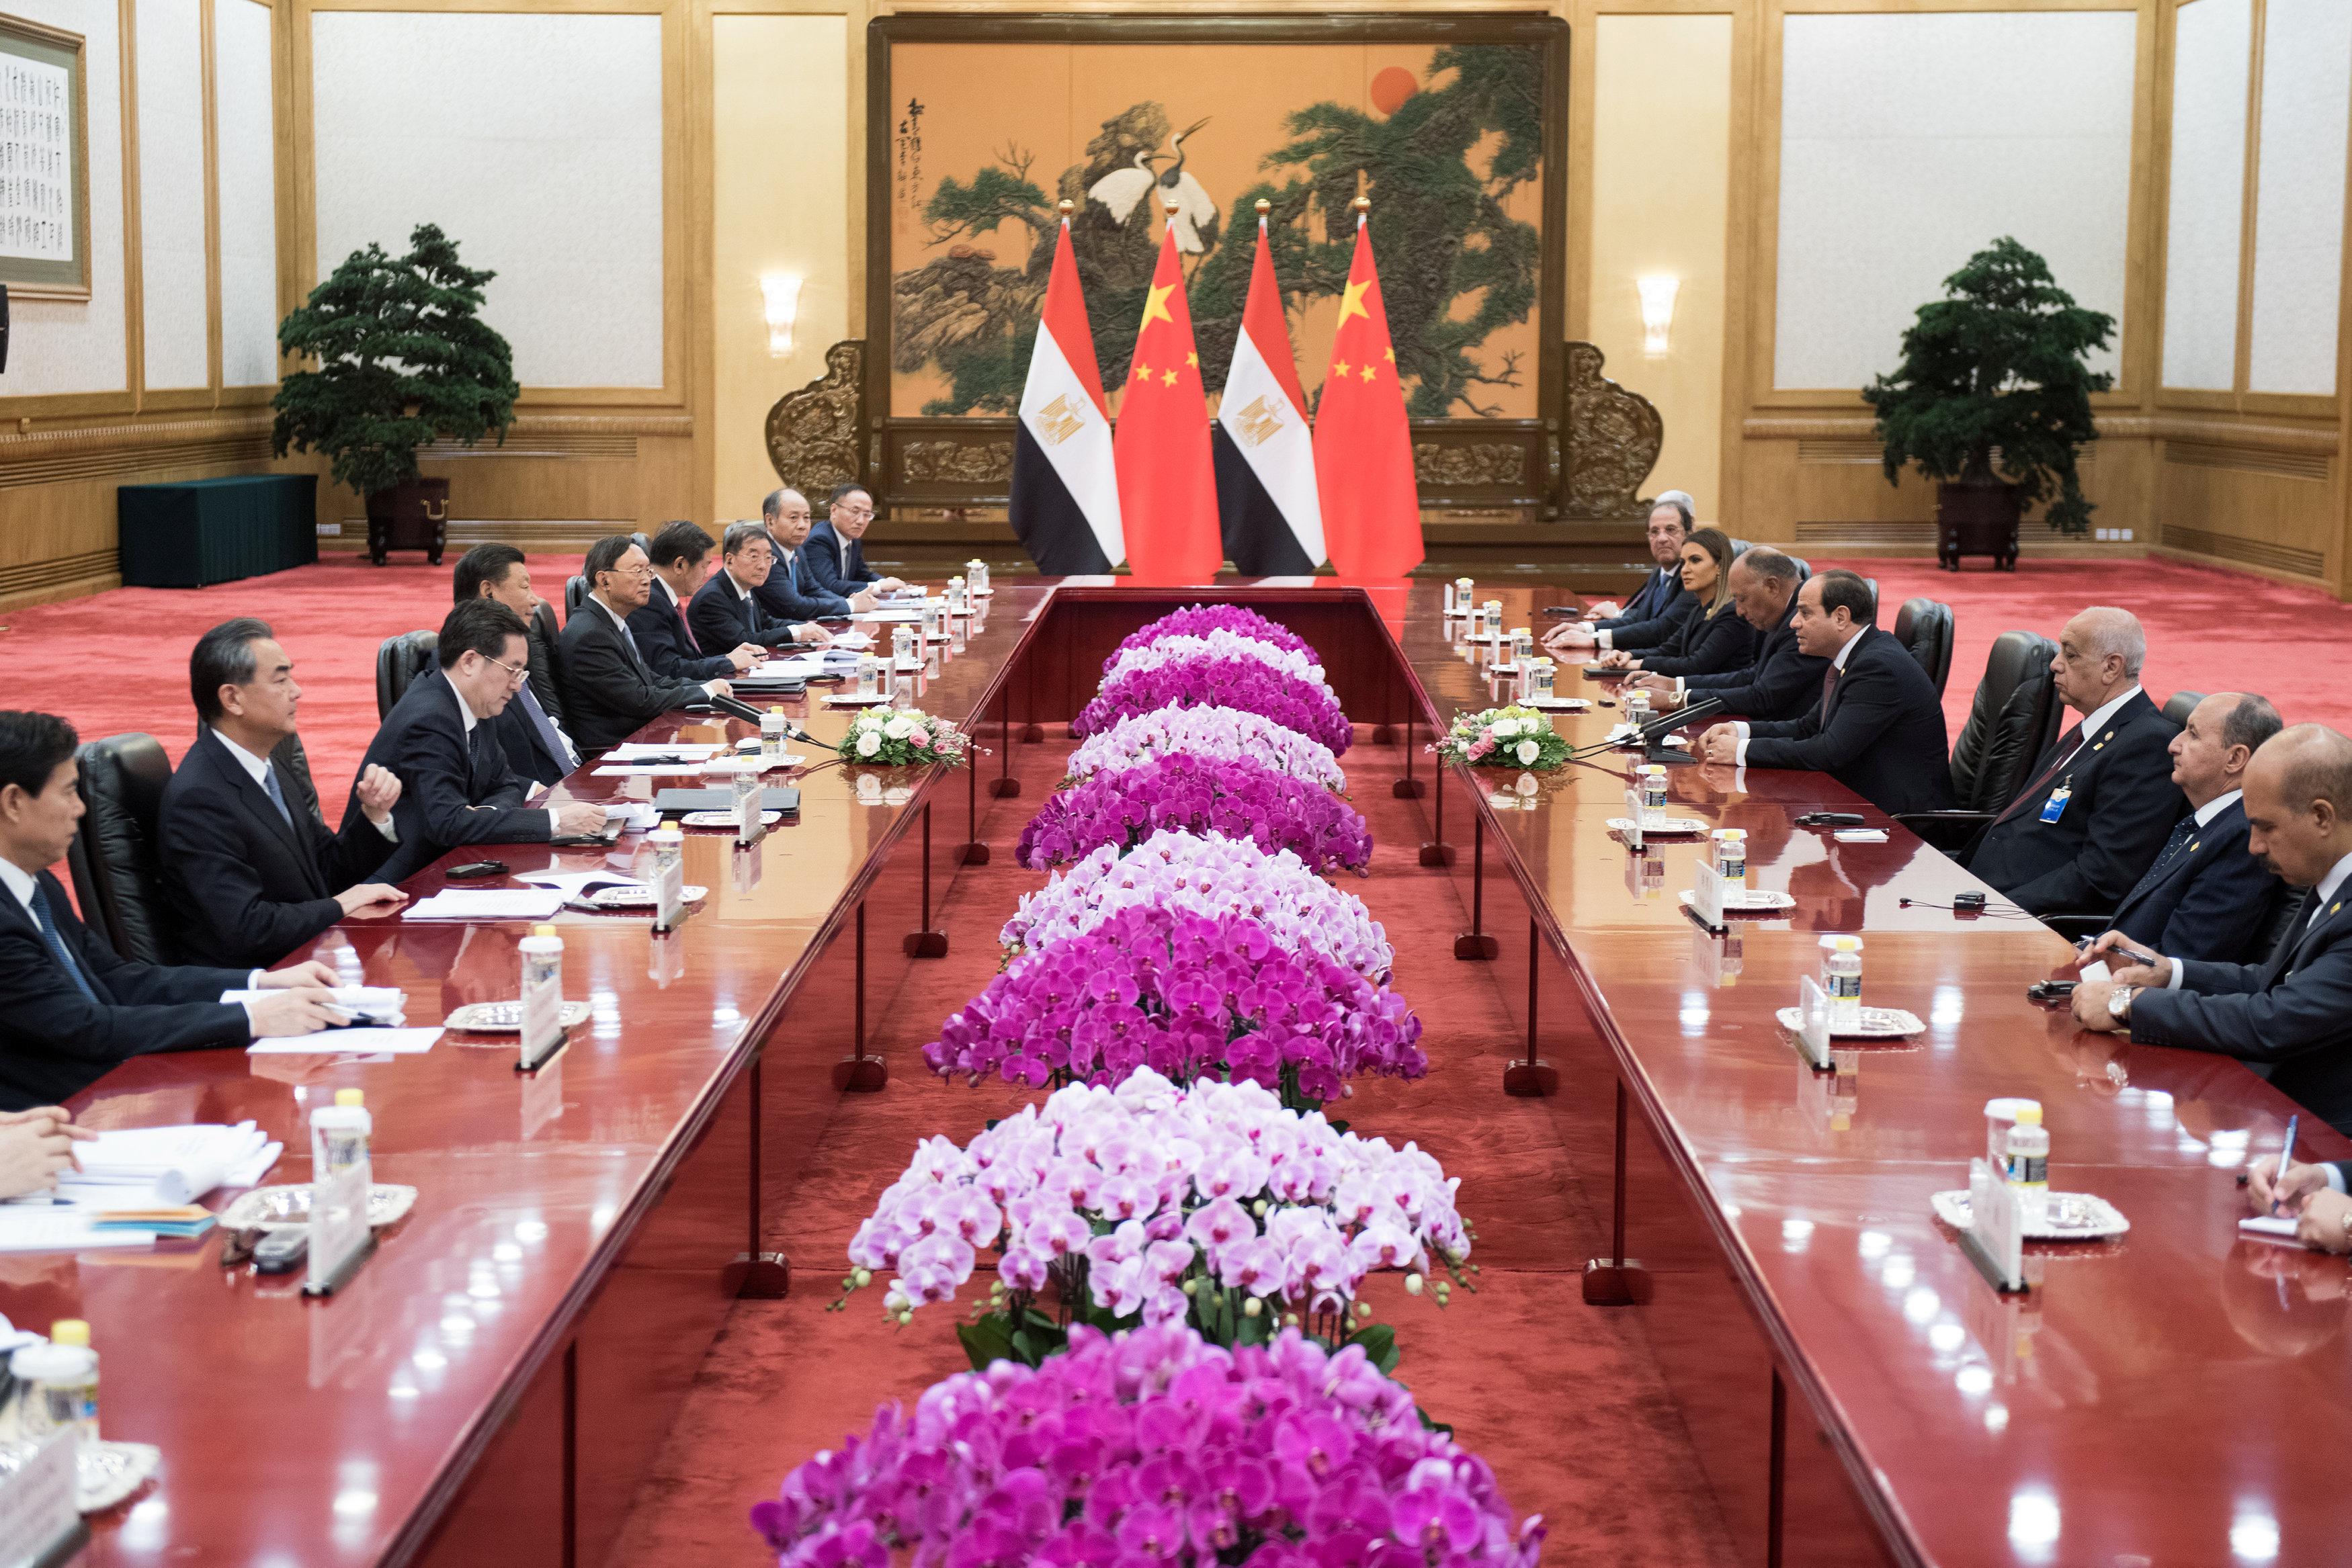 مراسم استقبال رسمية للسيسى فى بكين  (6)